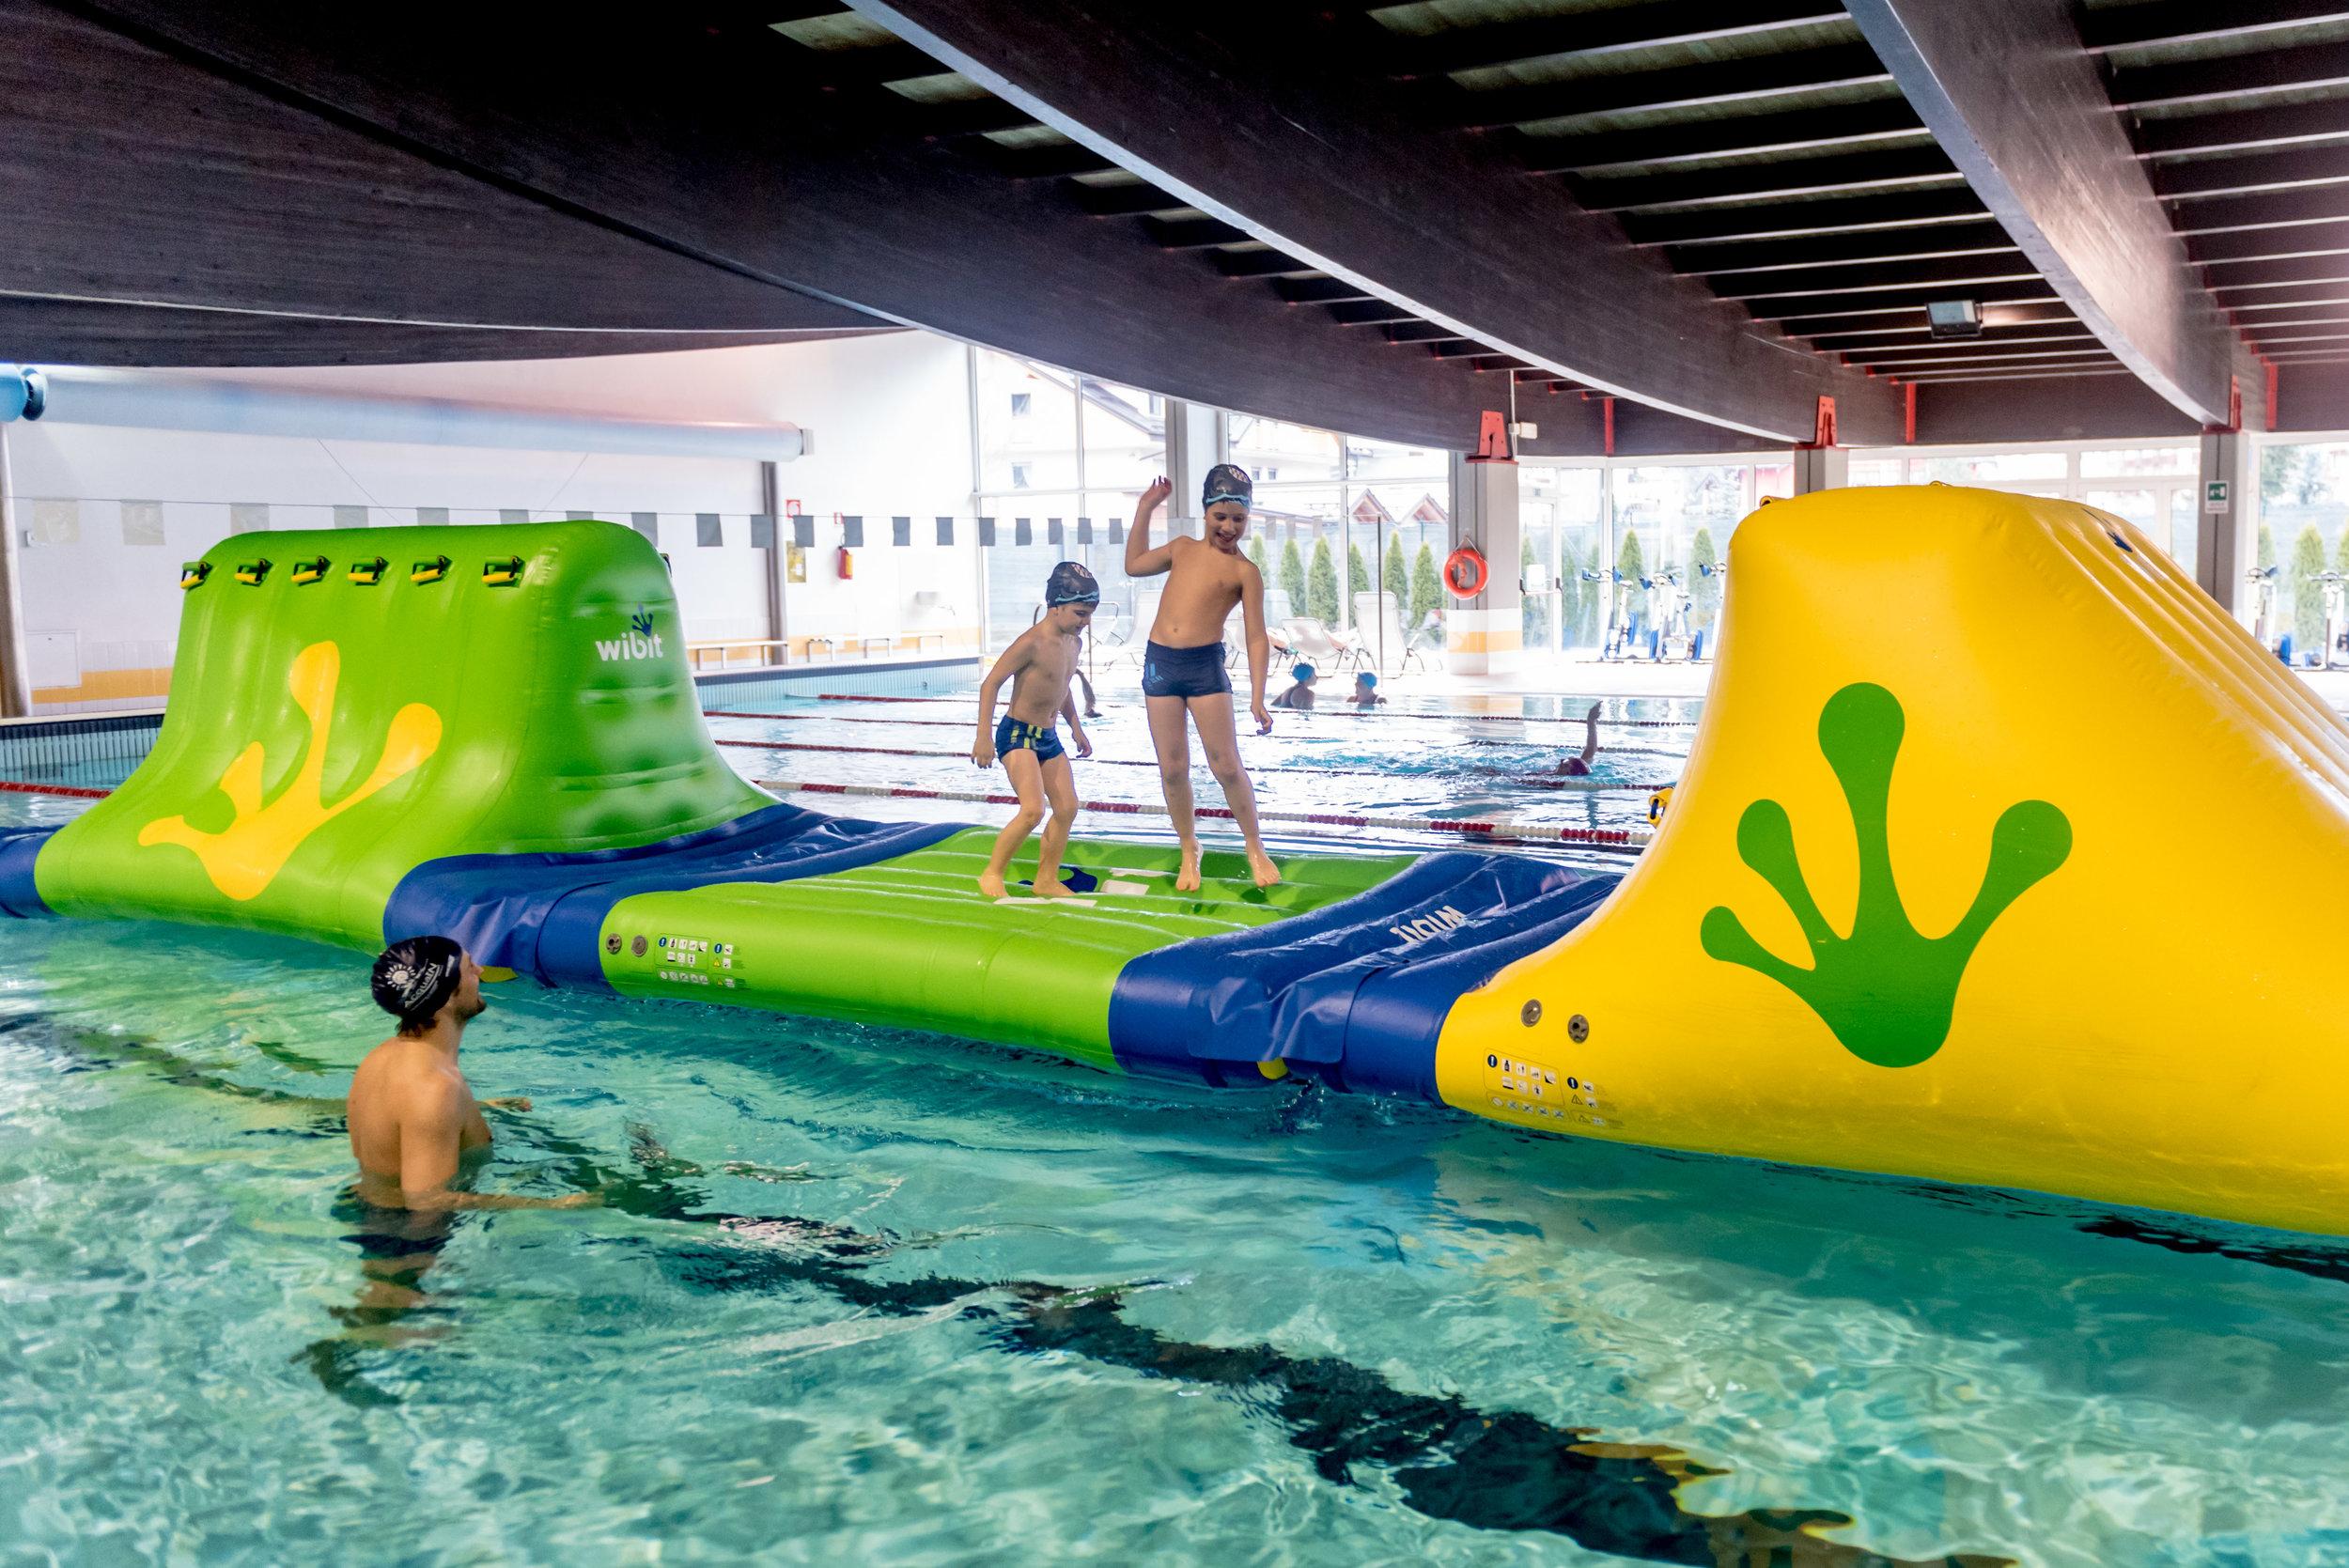 2016_PHMatteoDeStefano_Andalo_Life_parco_Acquain_Trentino_Paganella_Dolomiti_piscina_family_acquascivolo_acquapark_giochi_bambini_bimbi_acqua_198.jpg